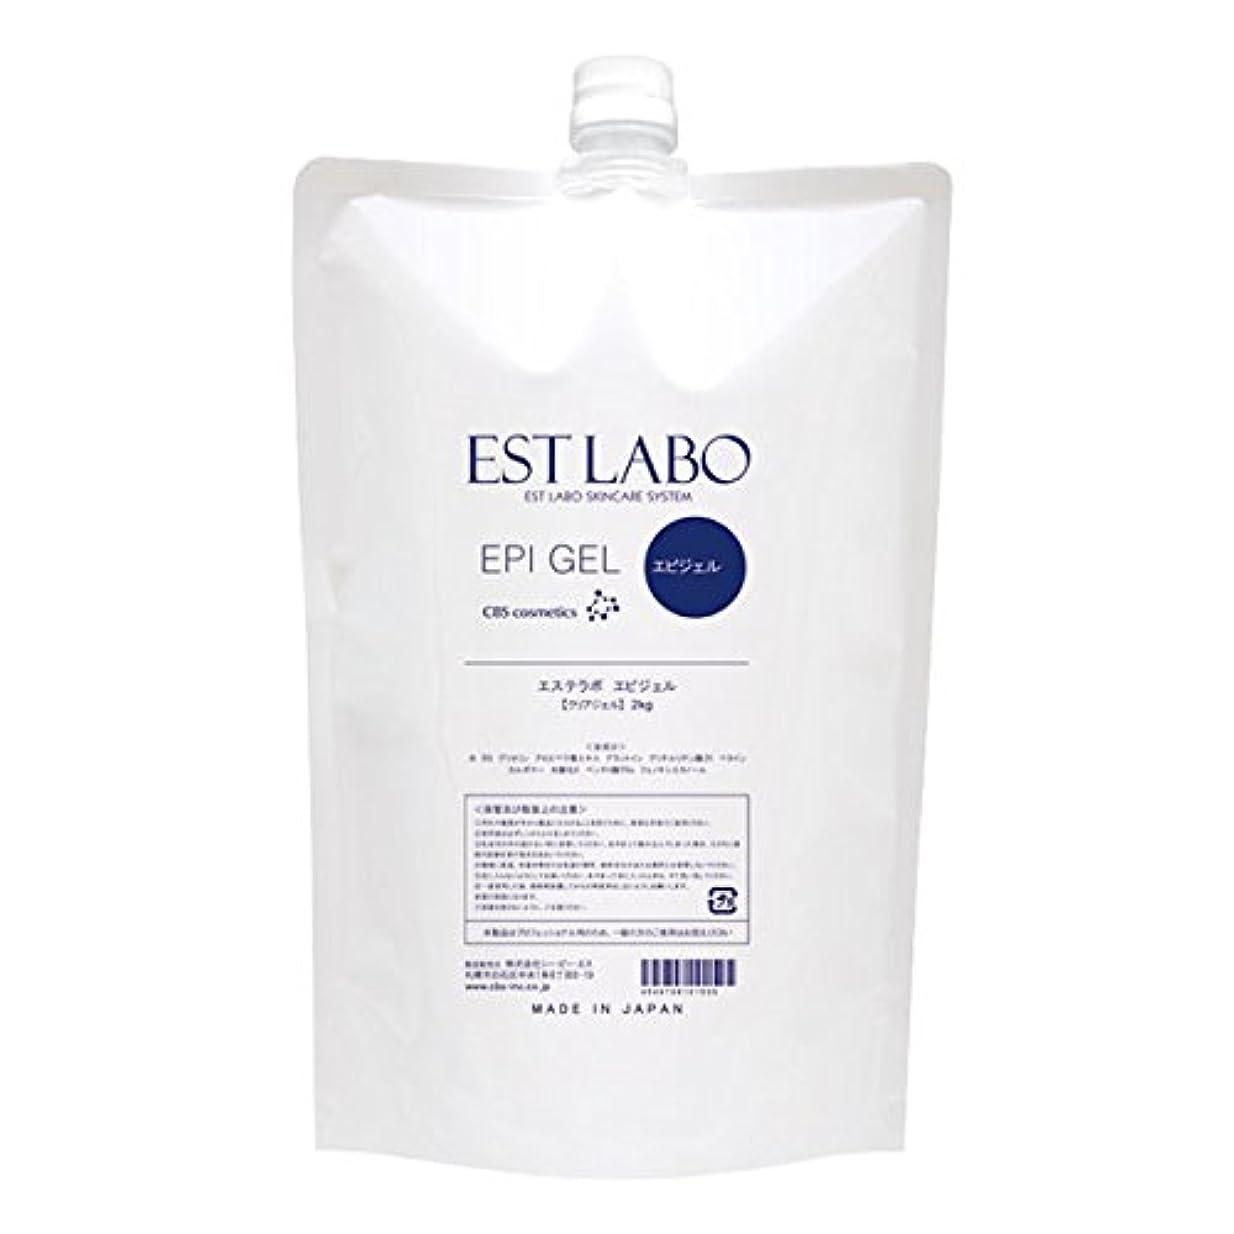 本を読む後メロディアス脱毛 EST LABO エピジェル(1袋?2kg)×2 合計2袋?4kg 業務用